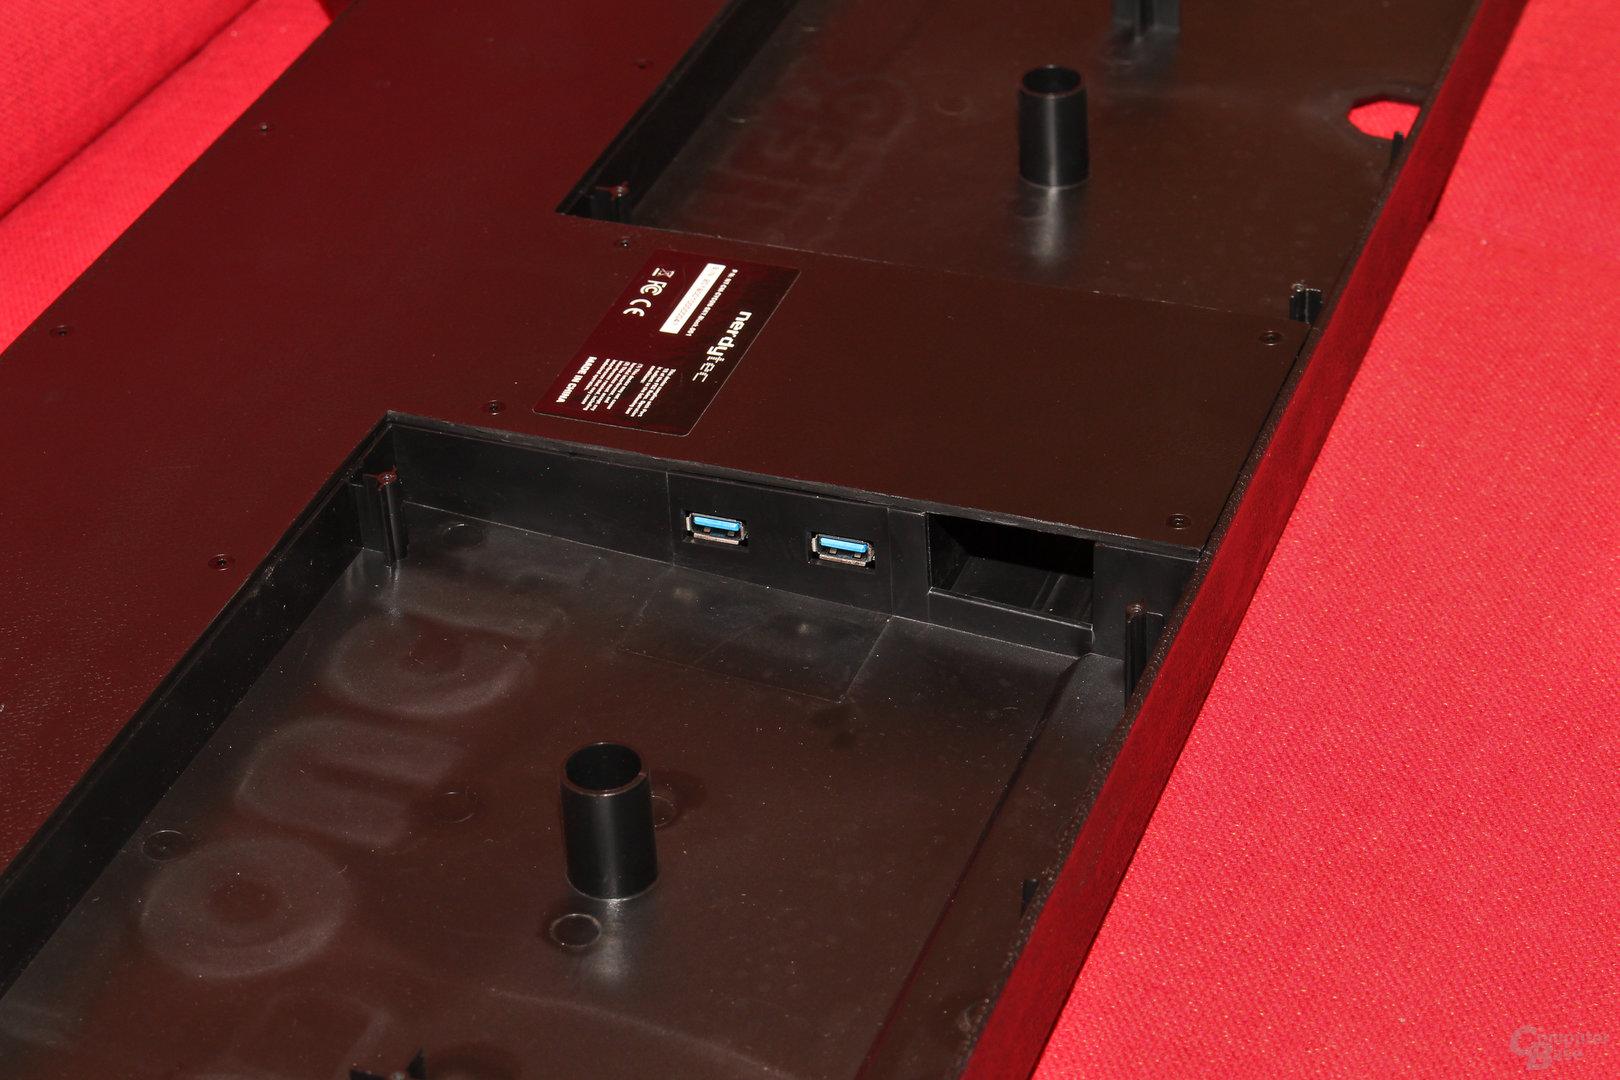 Gegenüberliegend befinden sich zwei weitere USB-Ports